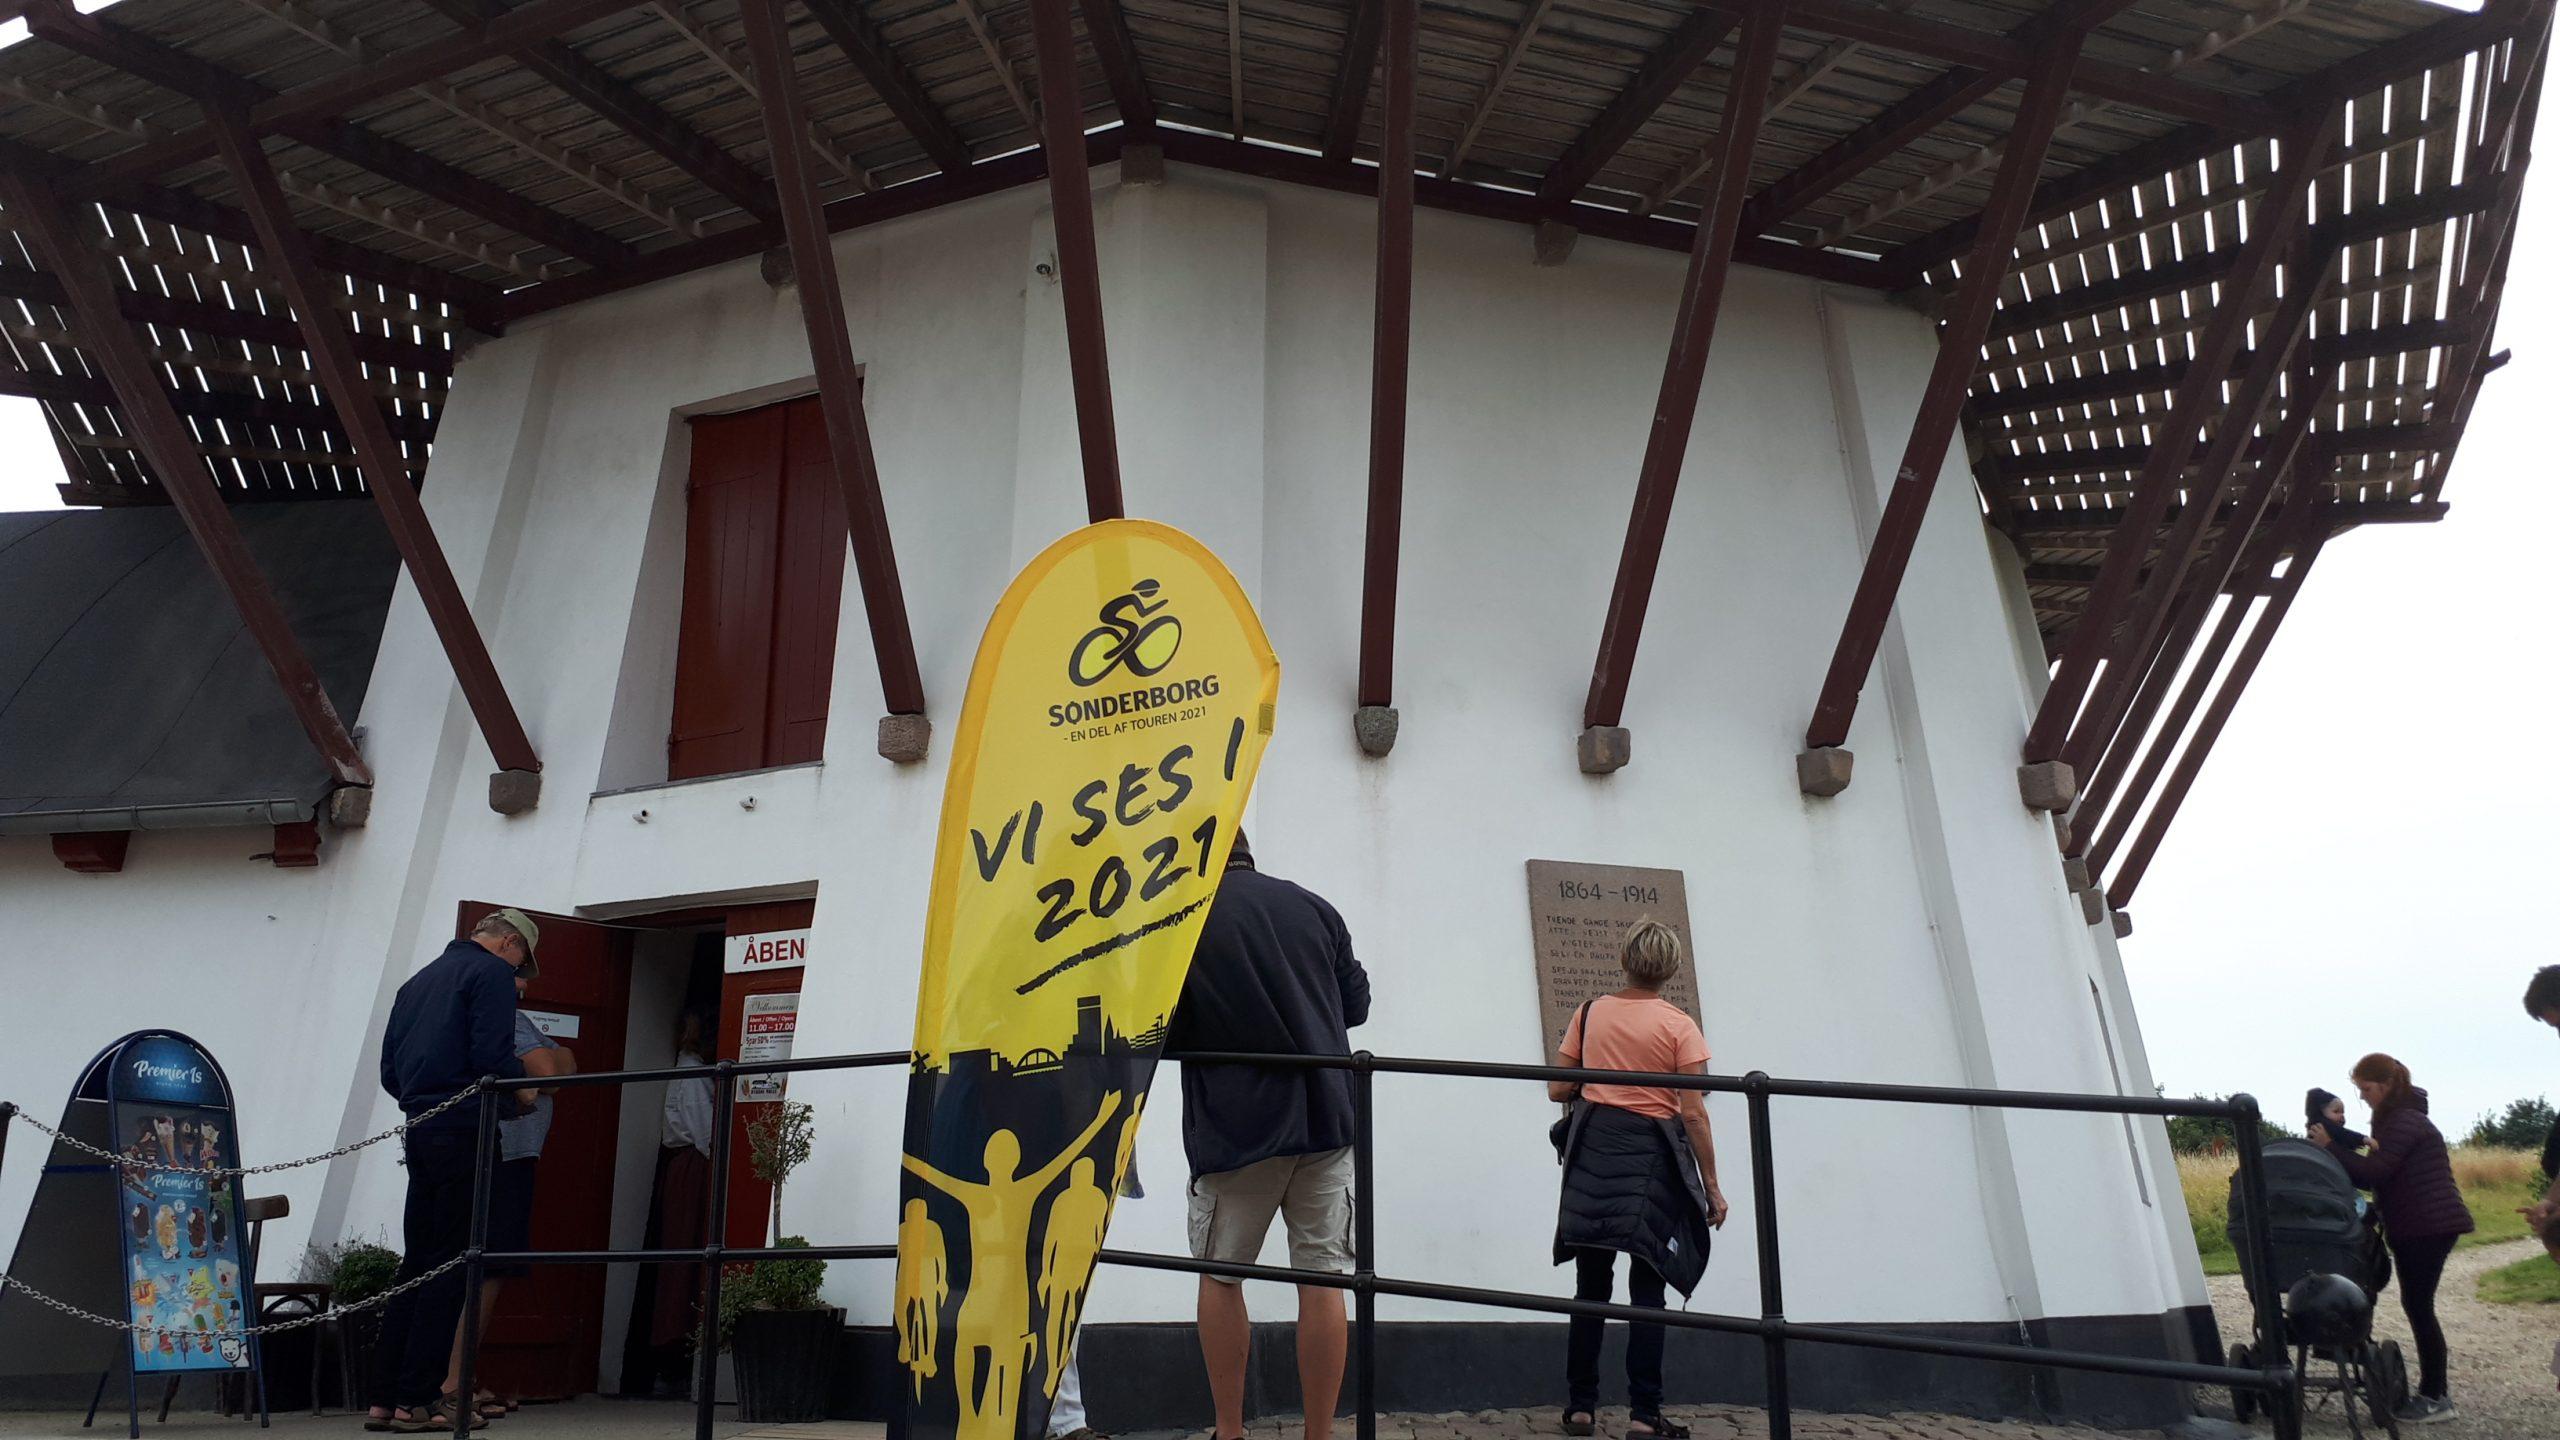 Reklamebanner ved Dybbøl Mølle i juli i år, banneret skal nu opdateres med årstallet 2022. Tour de France-feltet passerer Dybbøl Mølle på cykelløbets sidste dag i Danmark. Foto: Henrik Baumgarten.